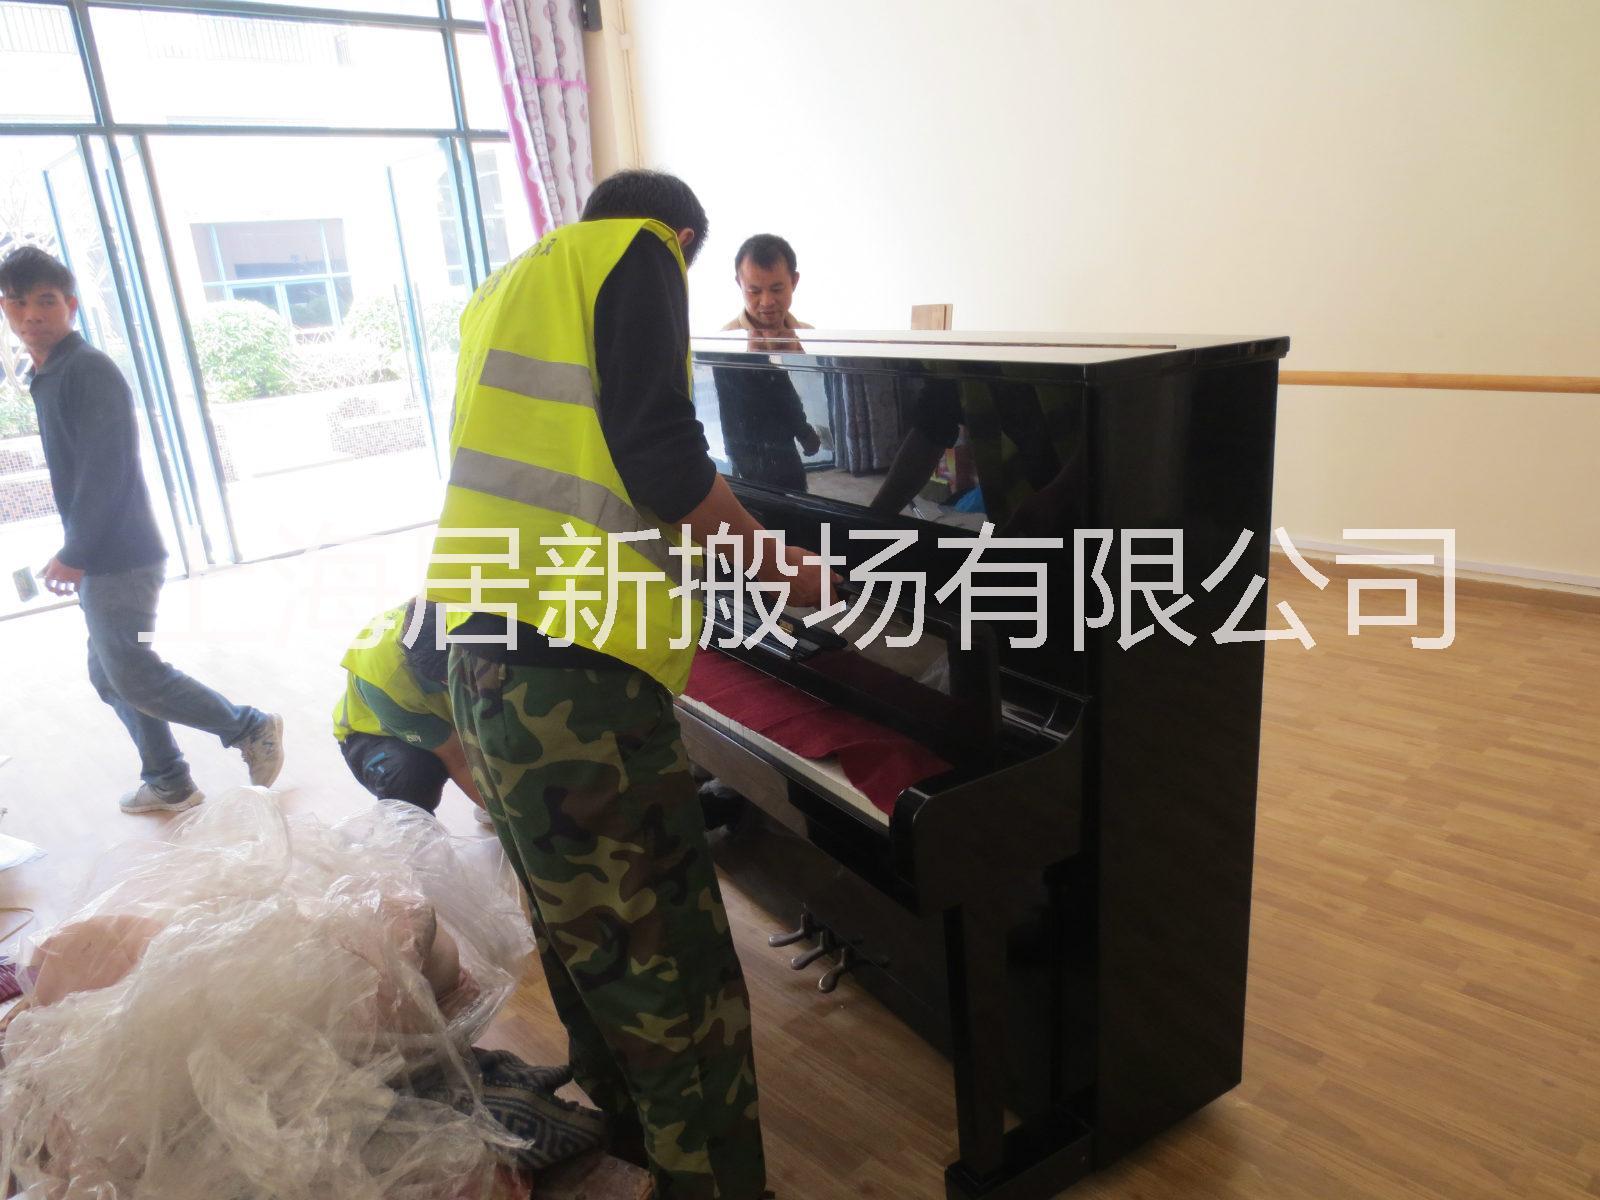 上海专业搬钢琴公司-上海钢琴搬运技巧和钢琴打包常识